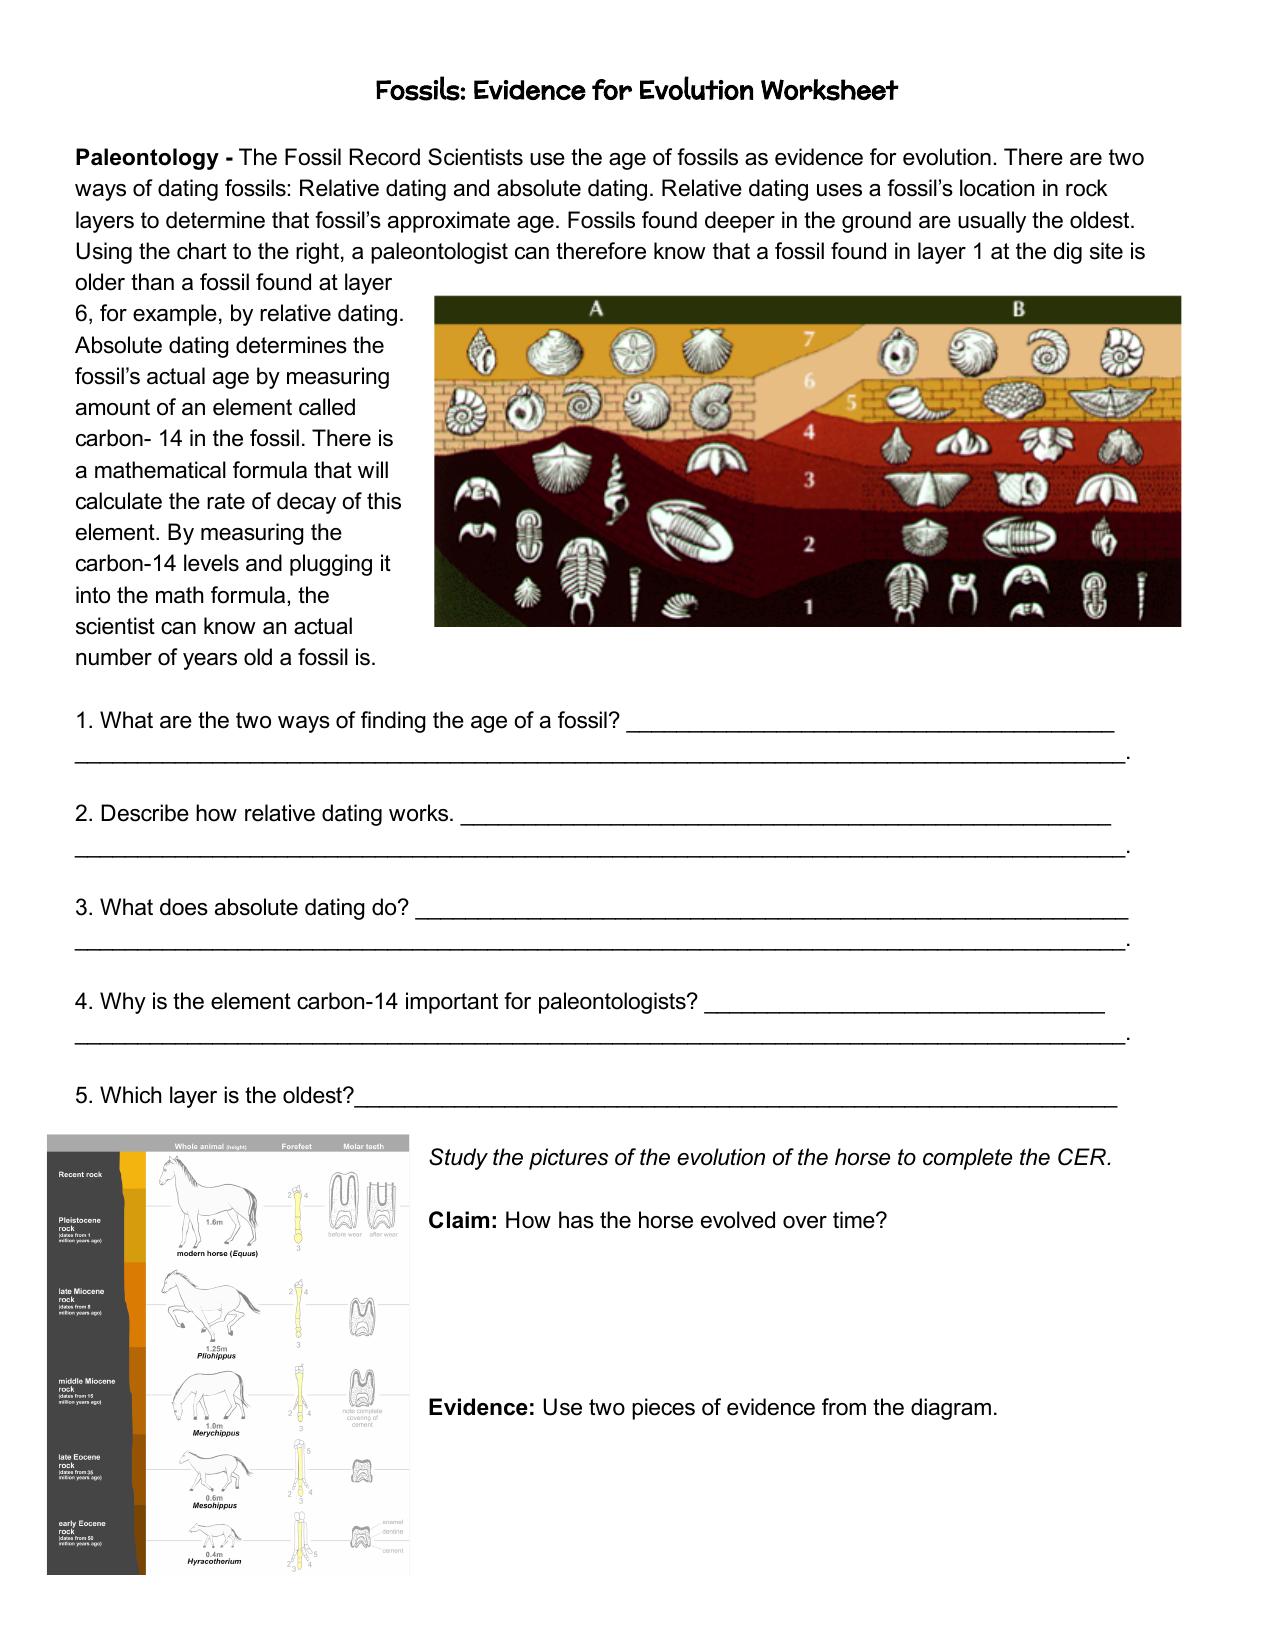 Fossils Evidence for Evolution WS Intended For Evidence Of Evolution Worksheet